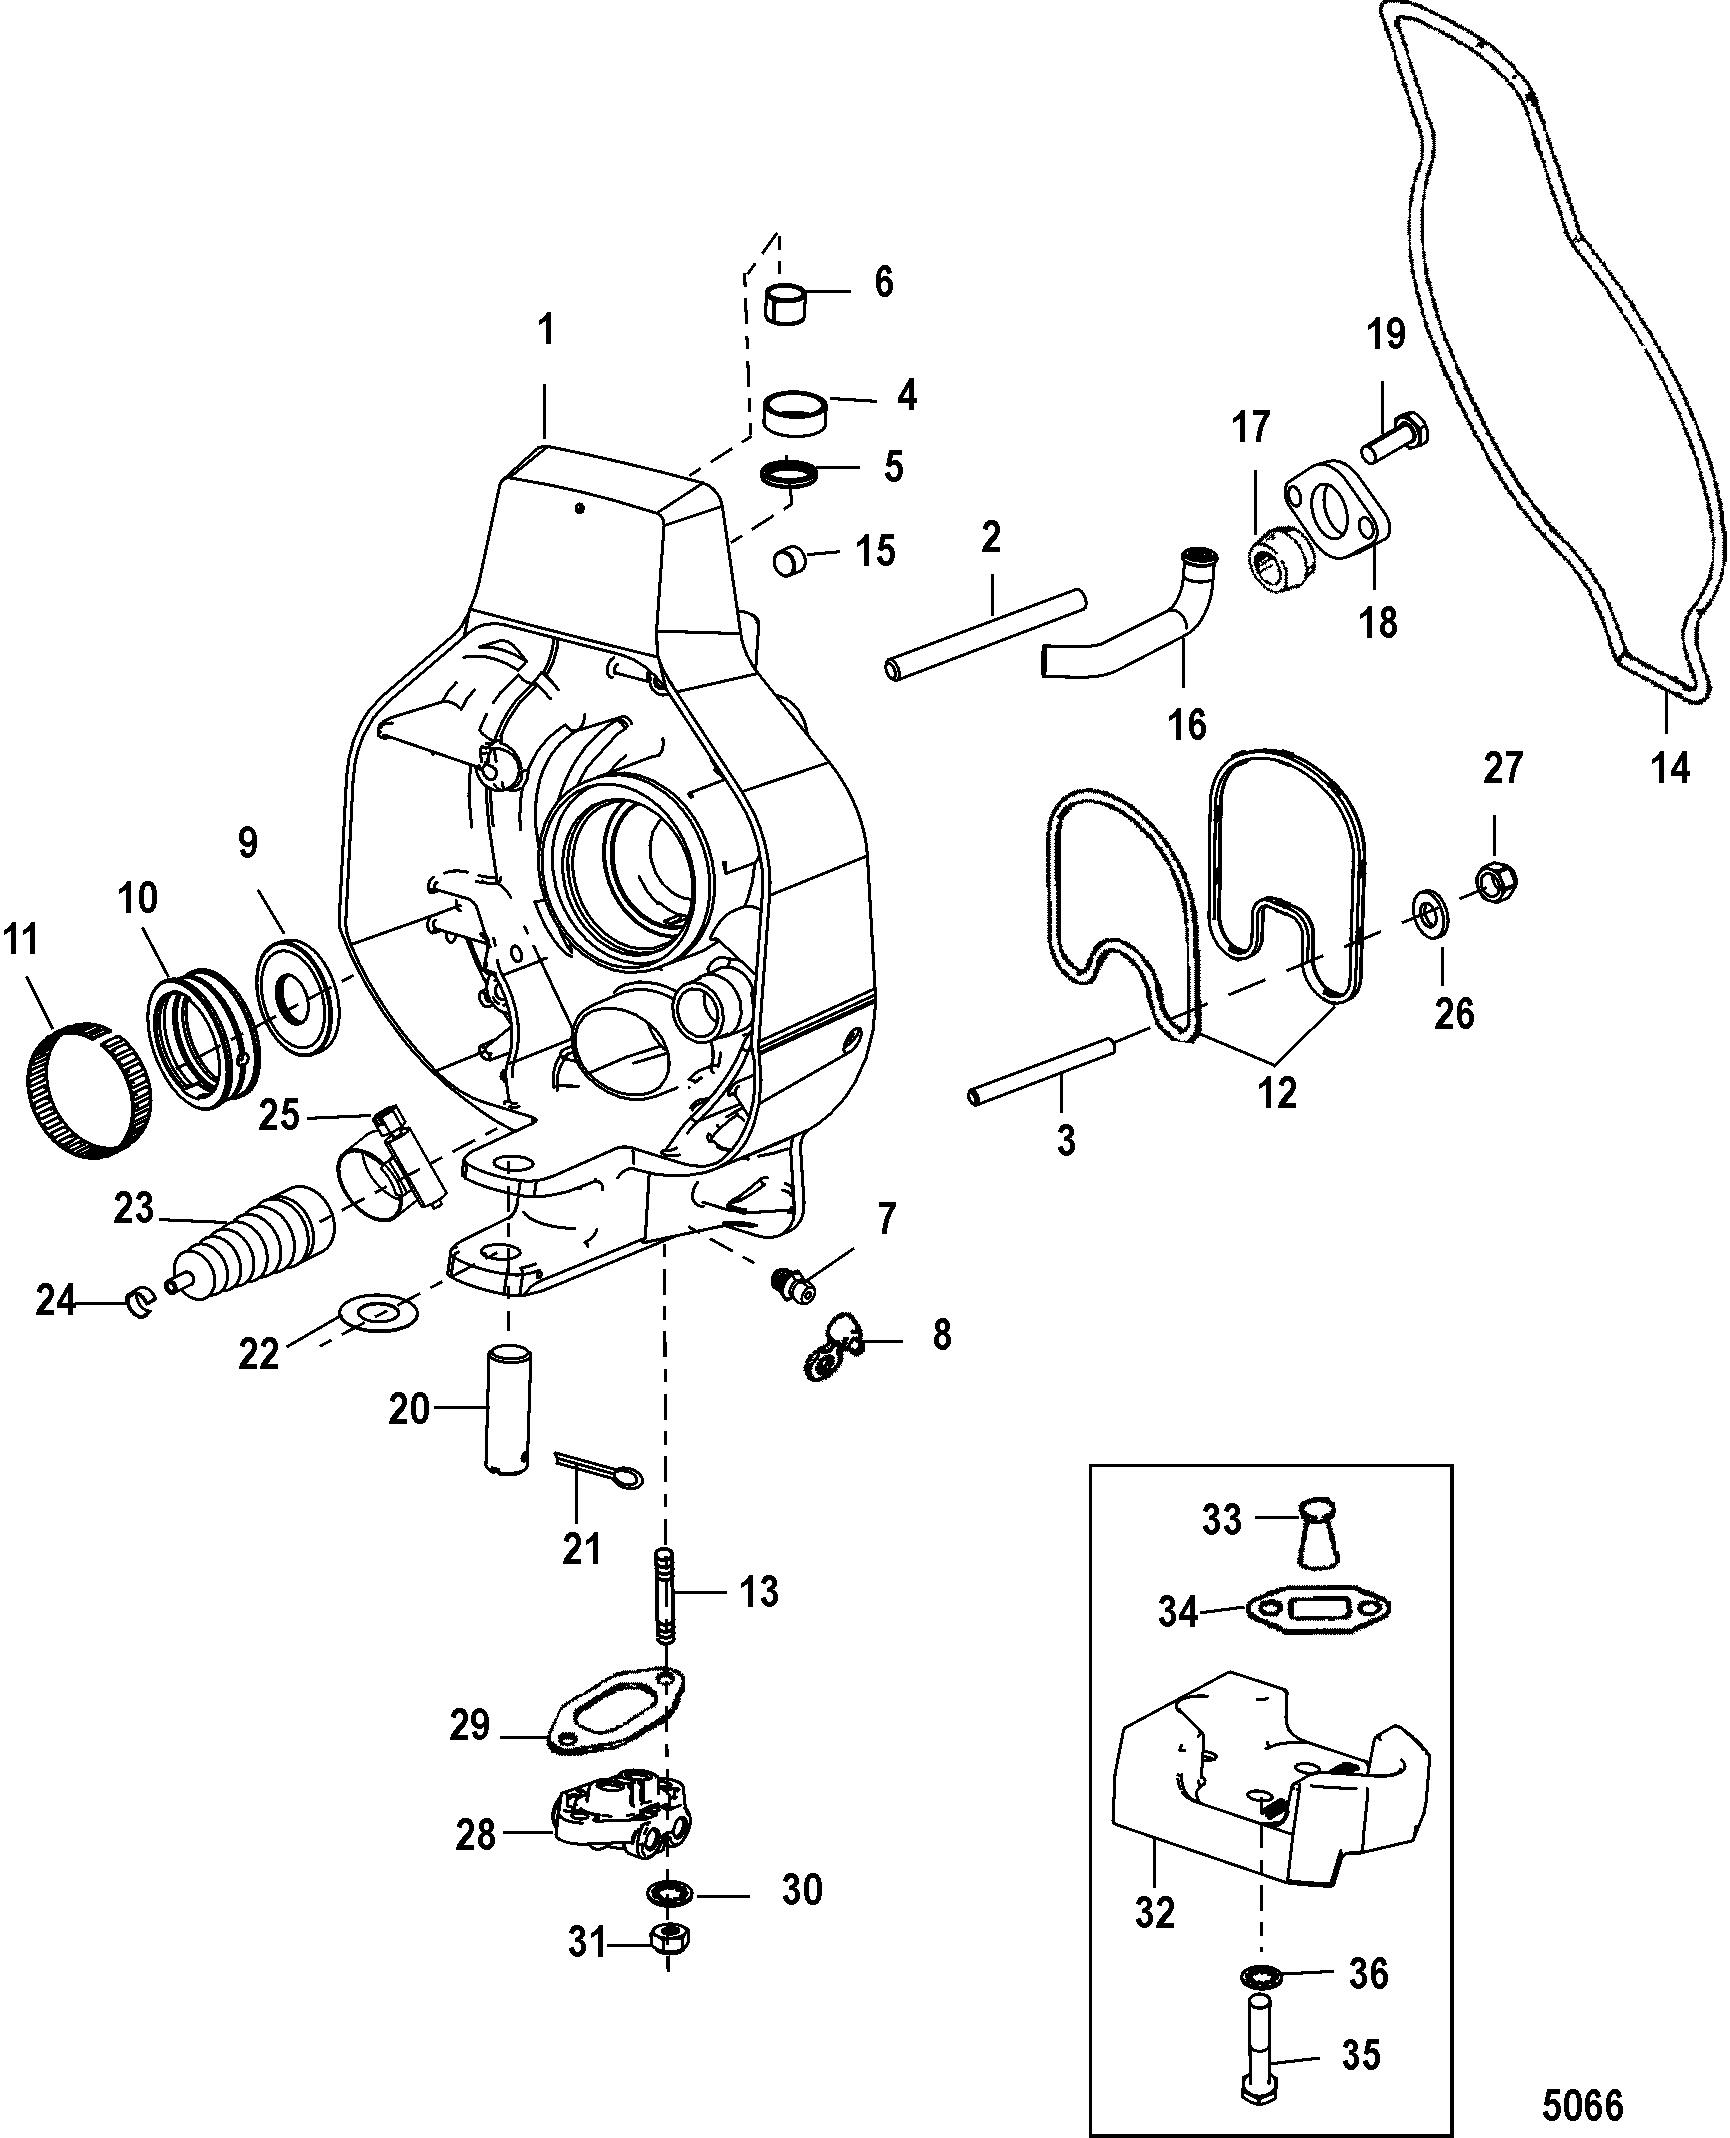 1996 MERCRUISER STERN DRIVE UNITS TECHNICIAN S HANDBOOK